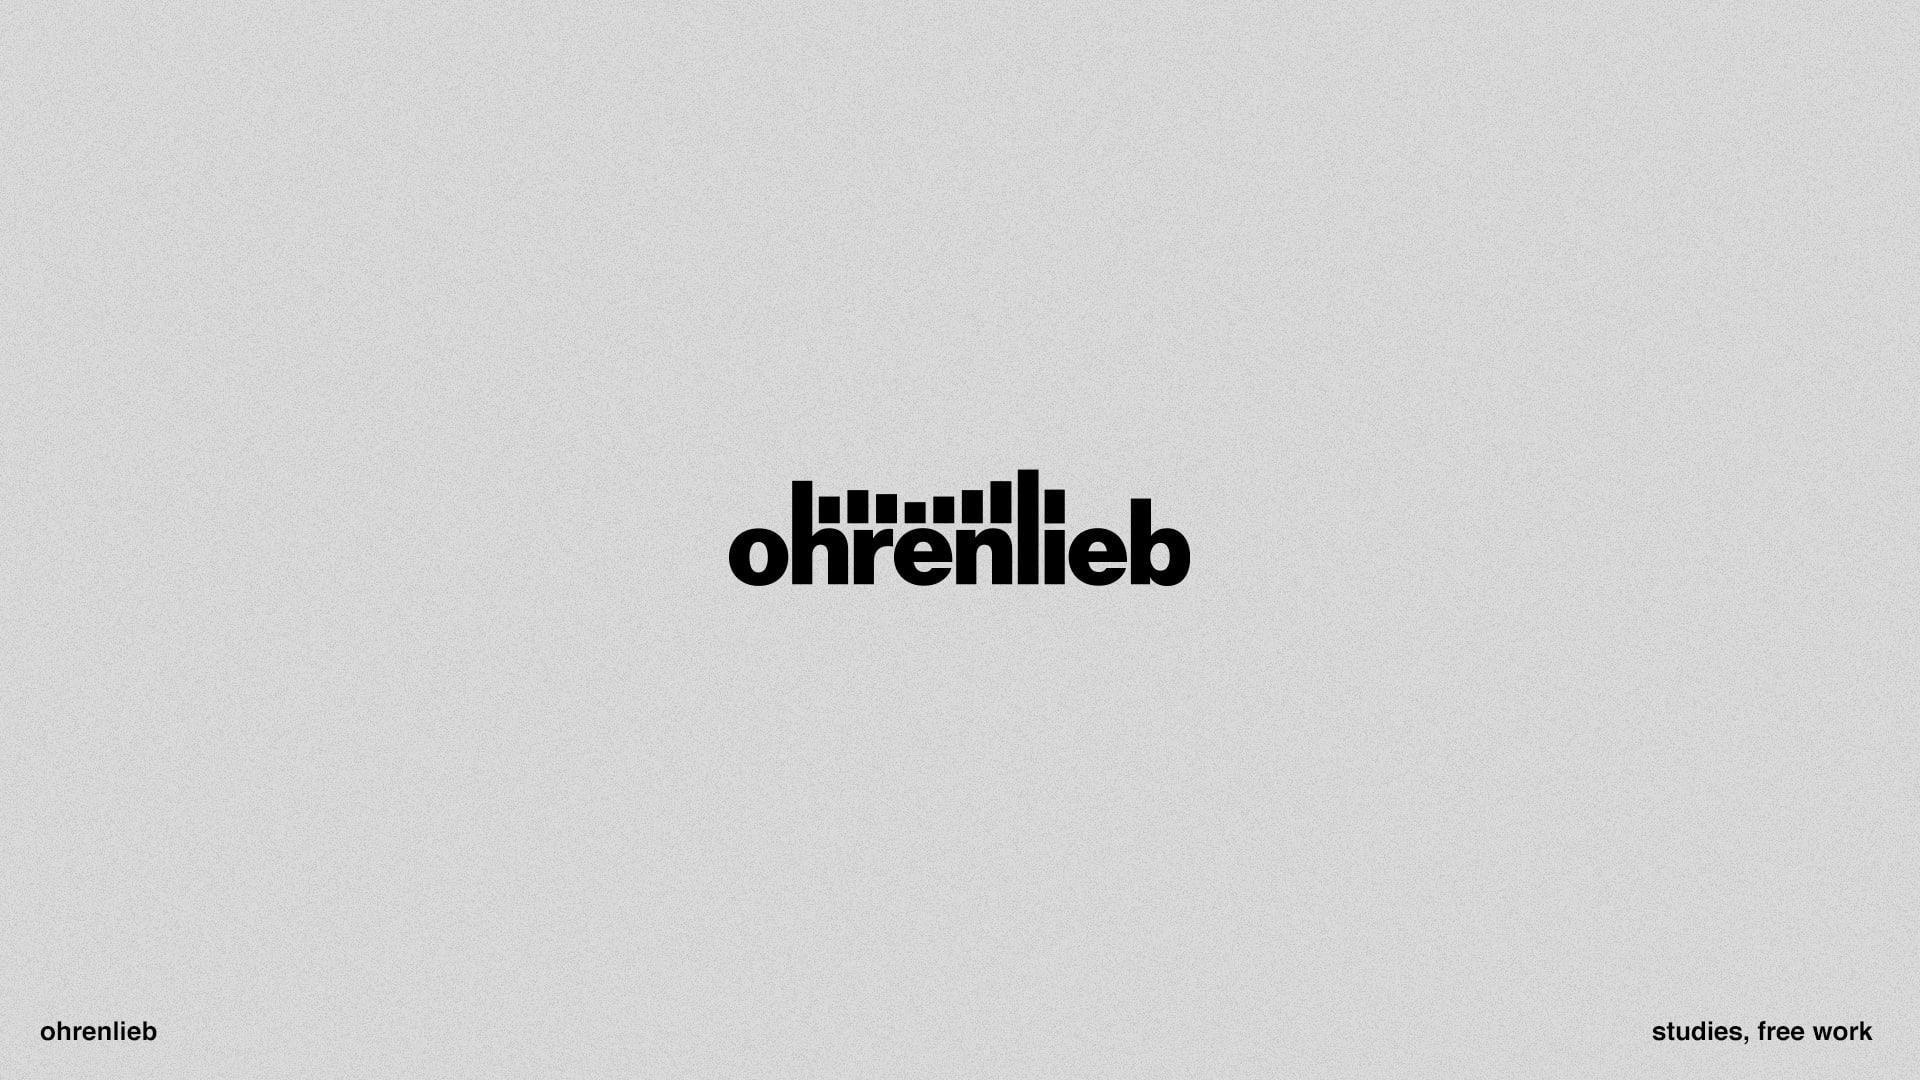 015-ohrenlieb